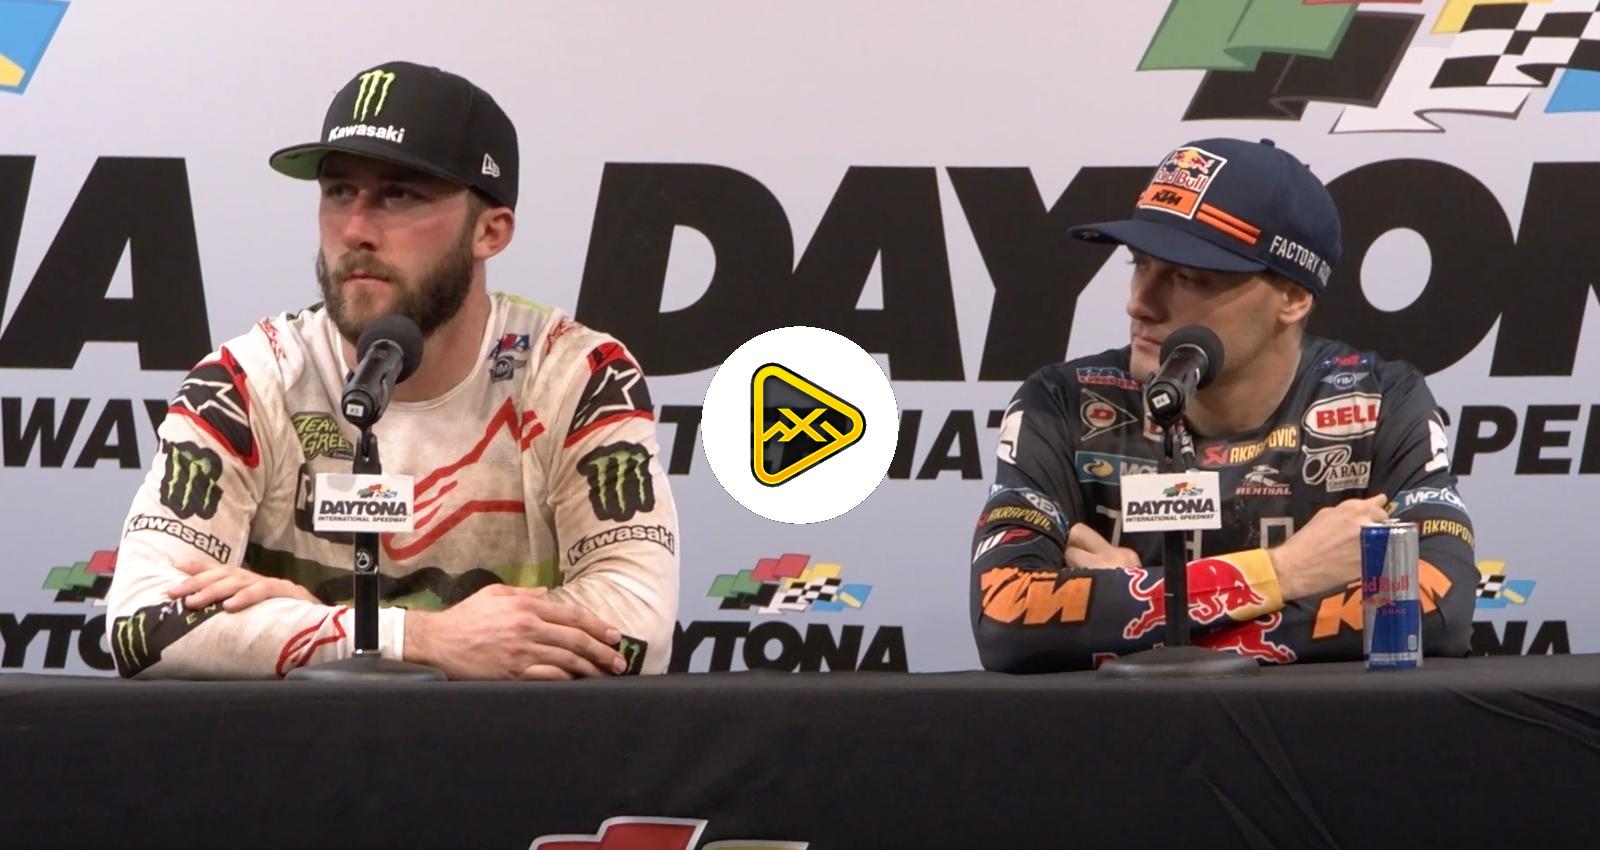 Post Race 450 Press Conference – Daytona SX